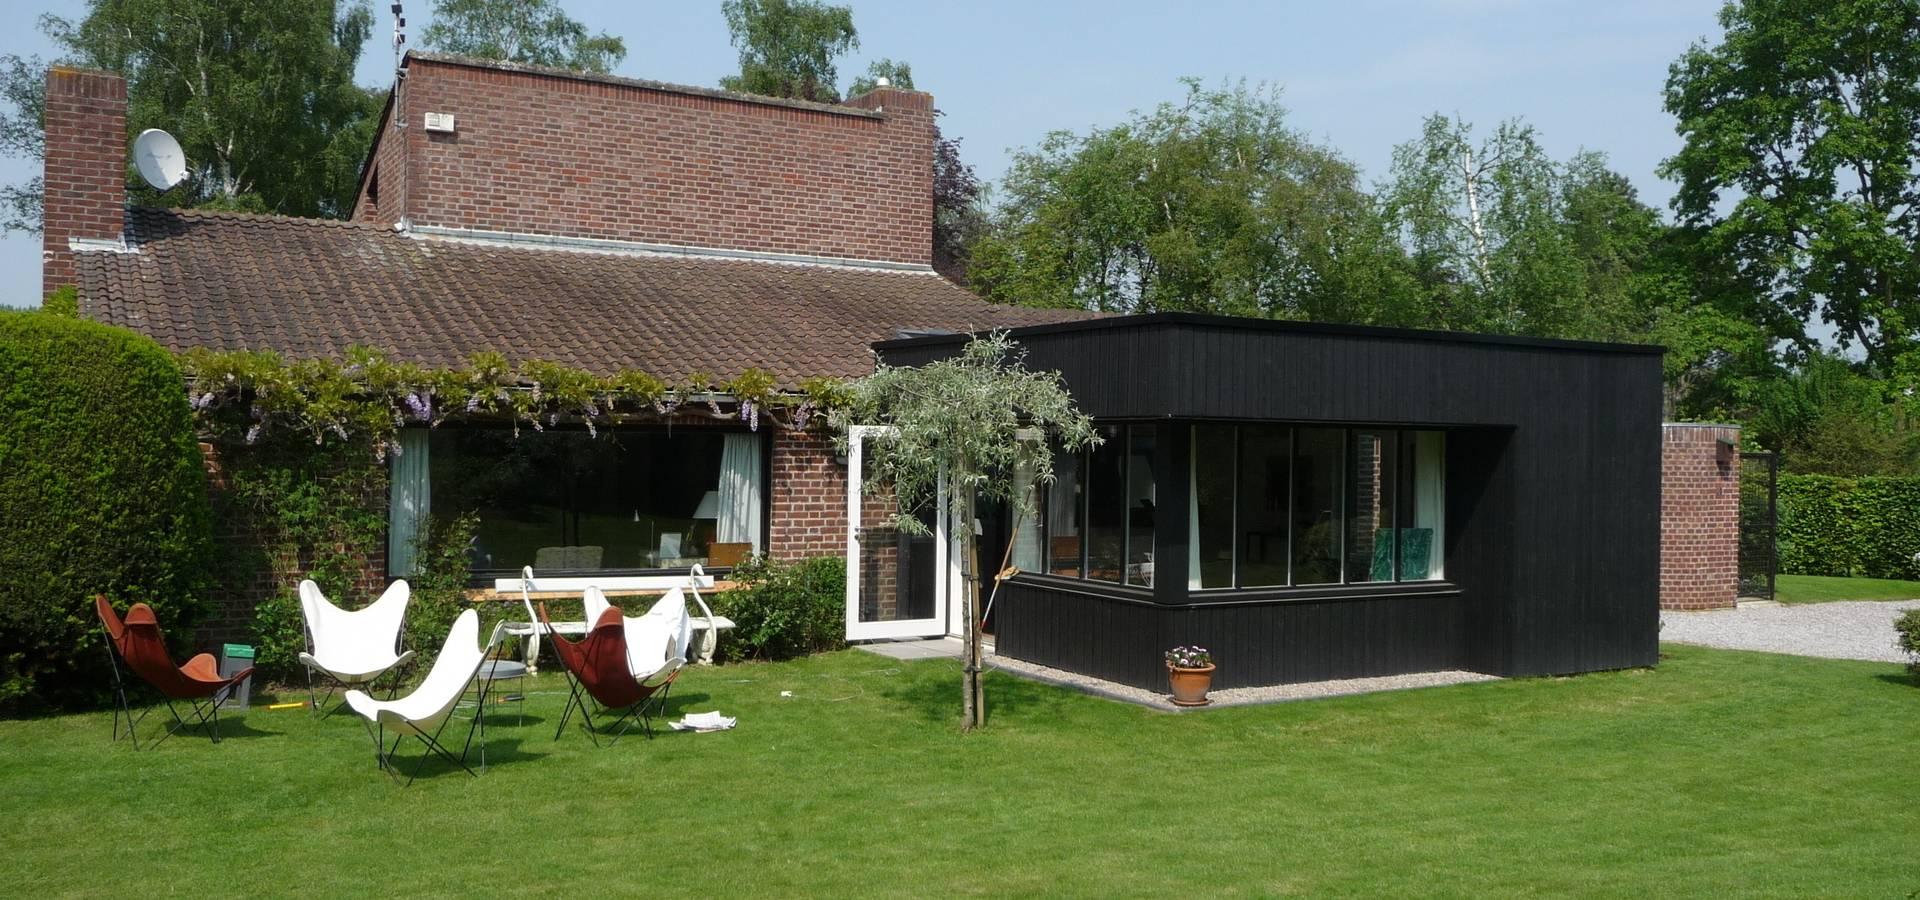 extension d'une maison individuelle a villeneuve d'ascq par agence